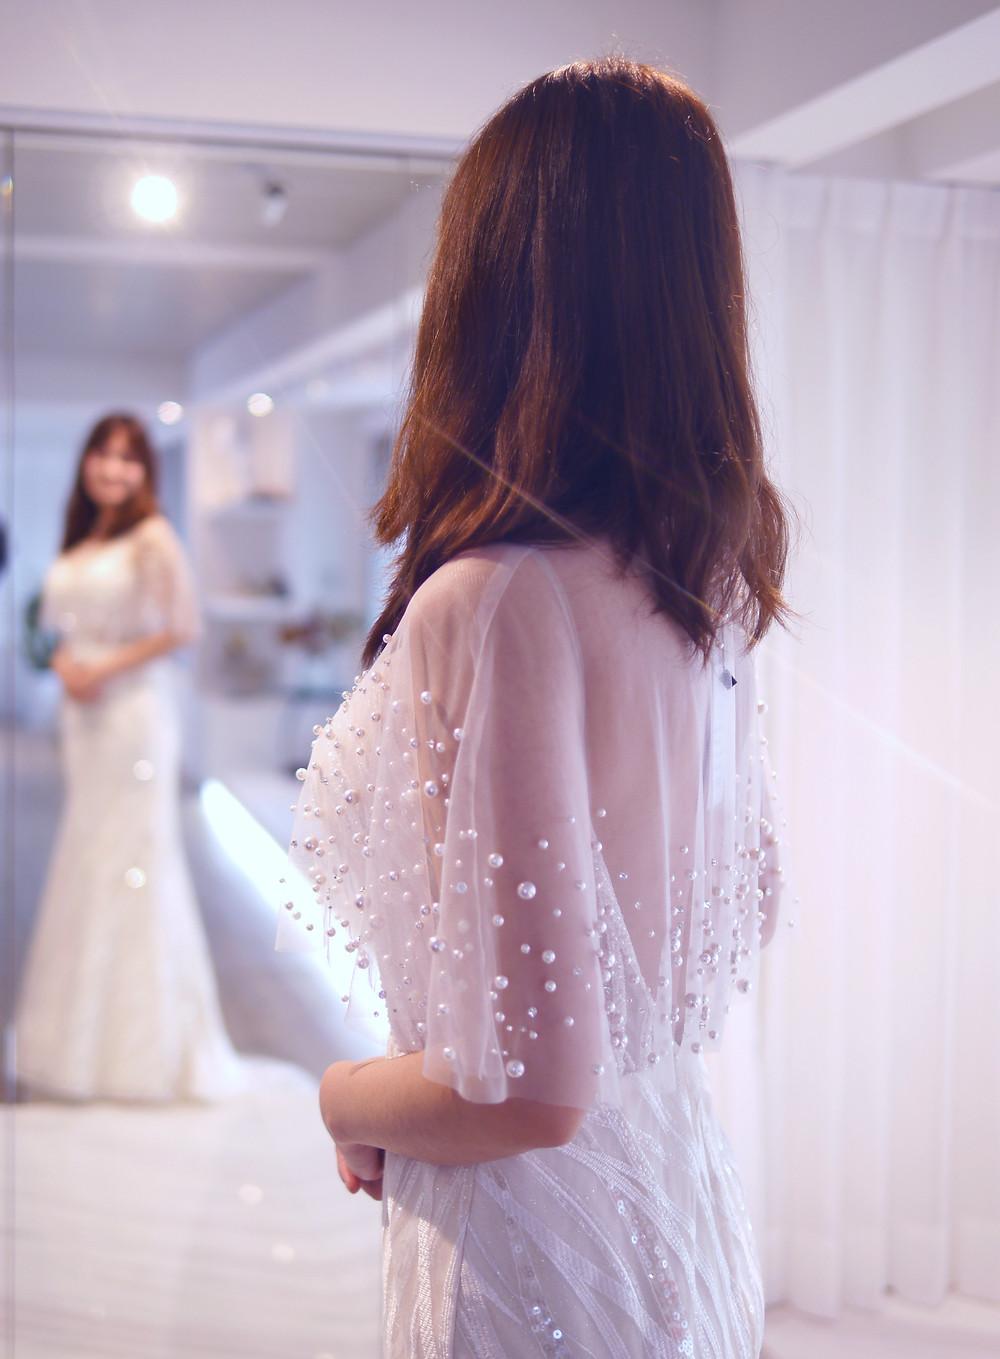 #水波紋蕾絲 #時尚輕白紗 #珍珠罩衫 #細肩帶款